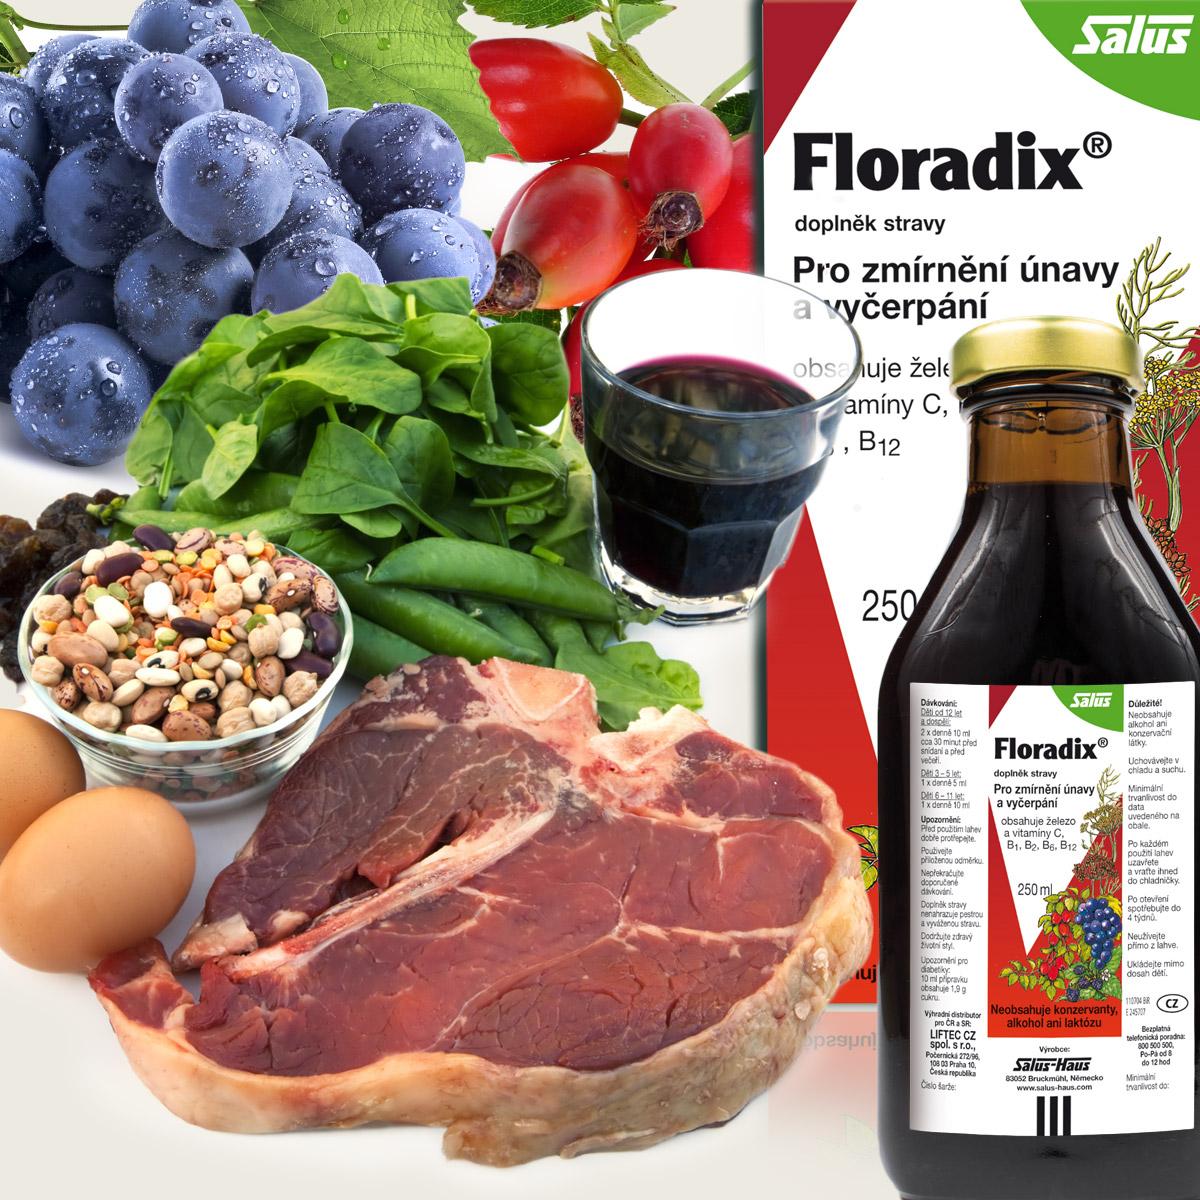 Potraviny bohaté na železo je vhodné doplnit doplňkem stravy s lehce vstřebatelnou formou železa a vitamíny podporujícími vstřebávání železa. Takovým produktem je Floradix. Jeho výhodou je, že je 100% rostlinný a tudíž vhodný i pro vegetariány.